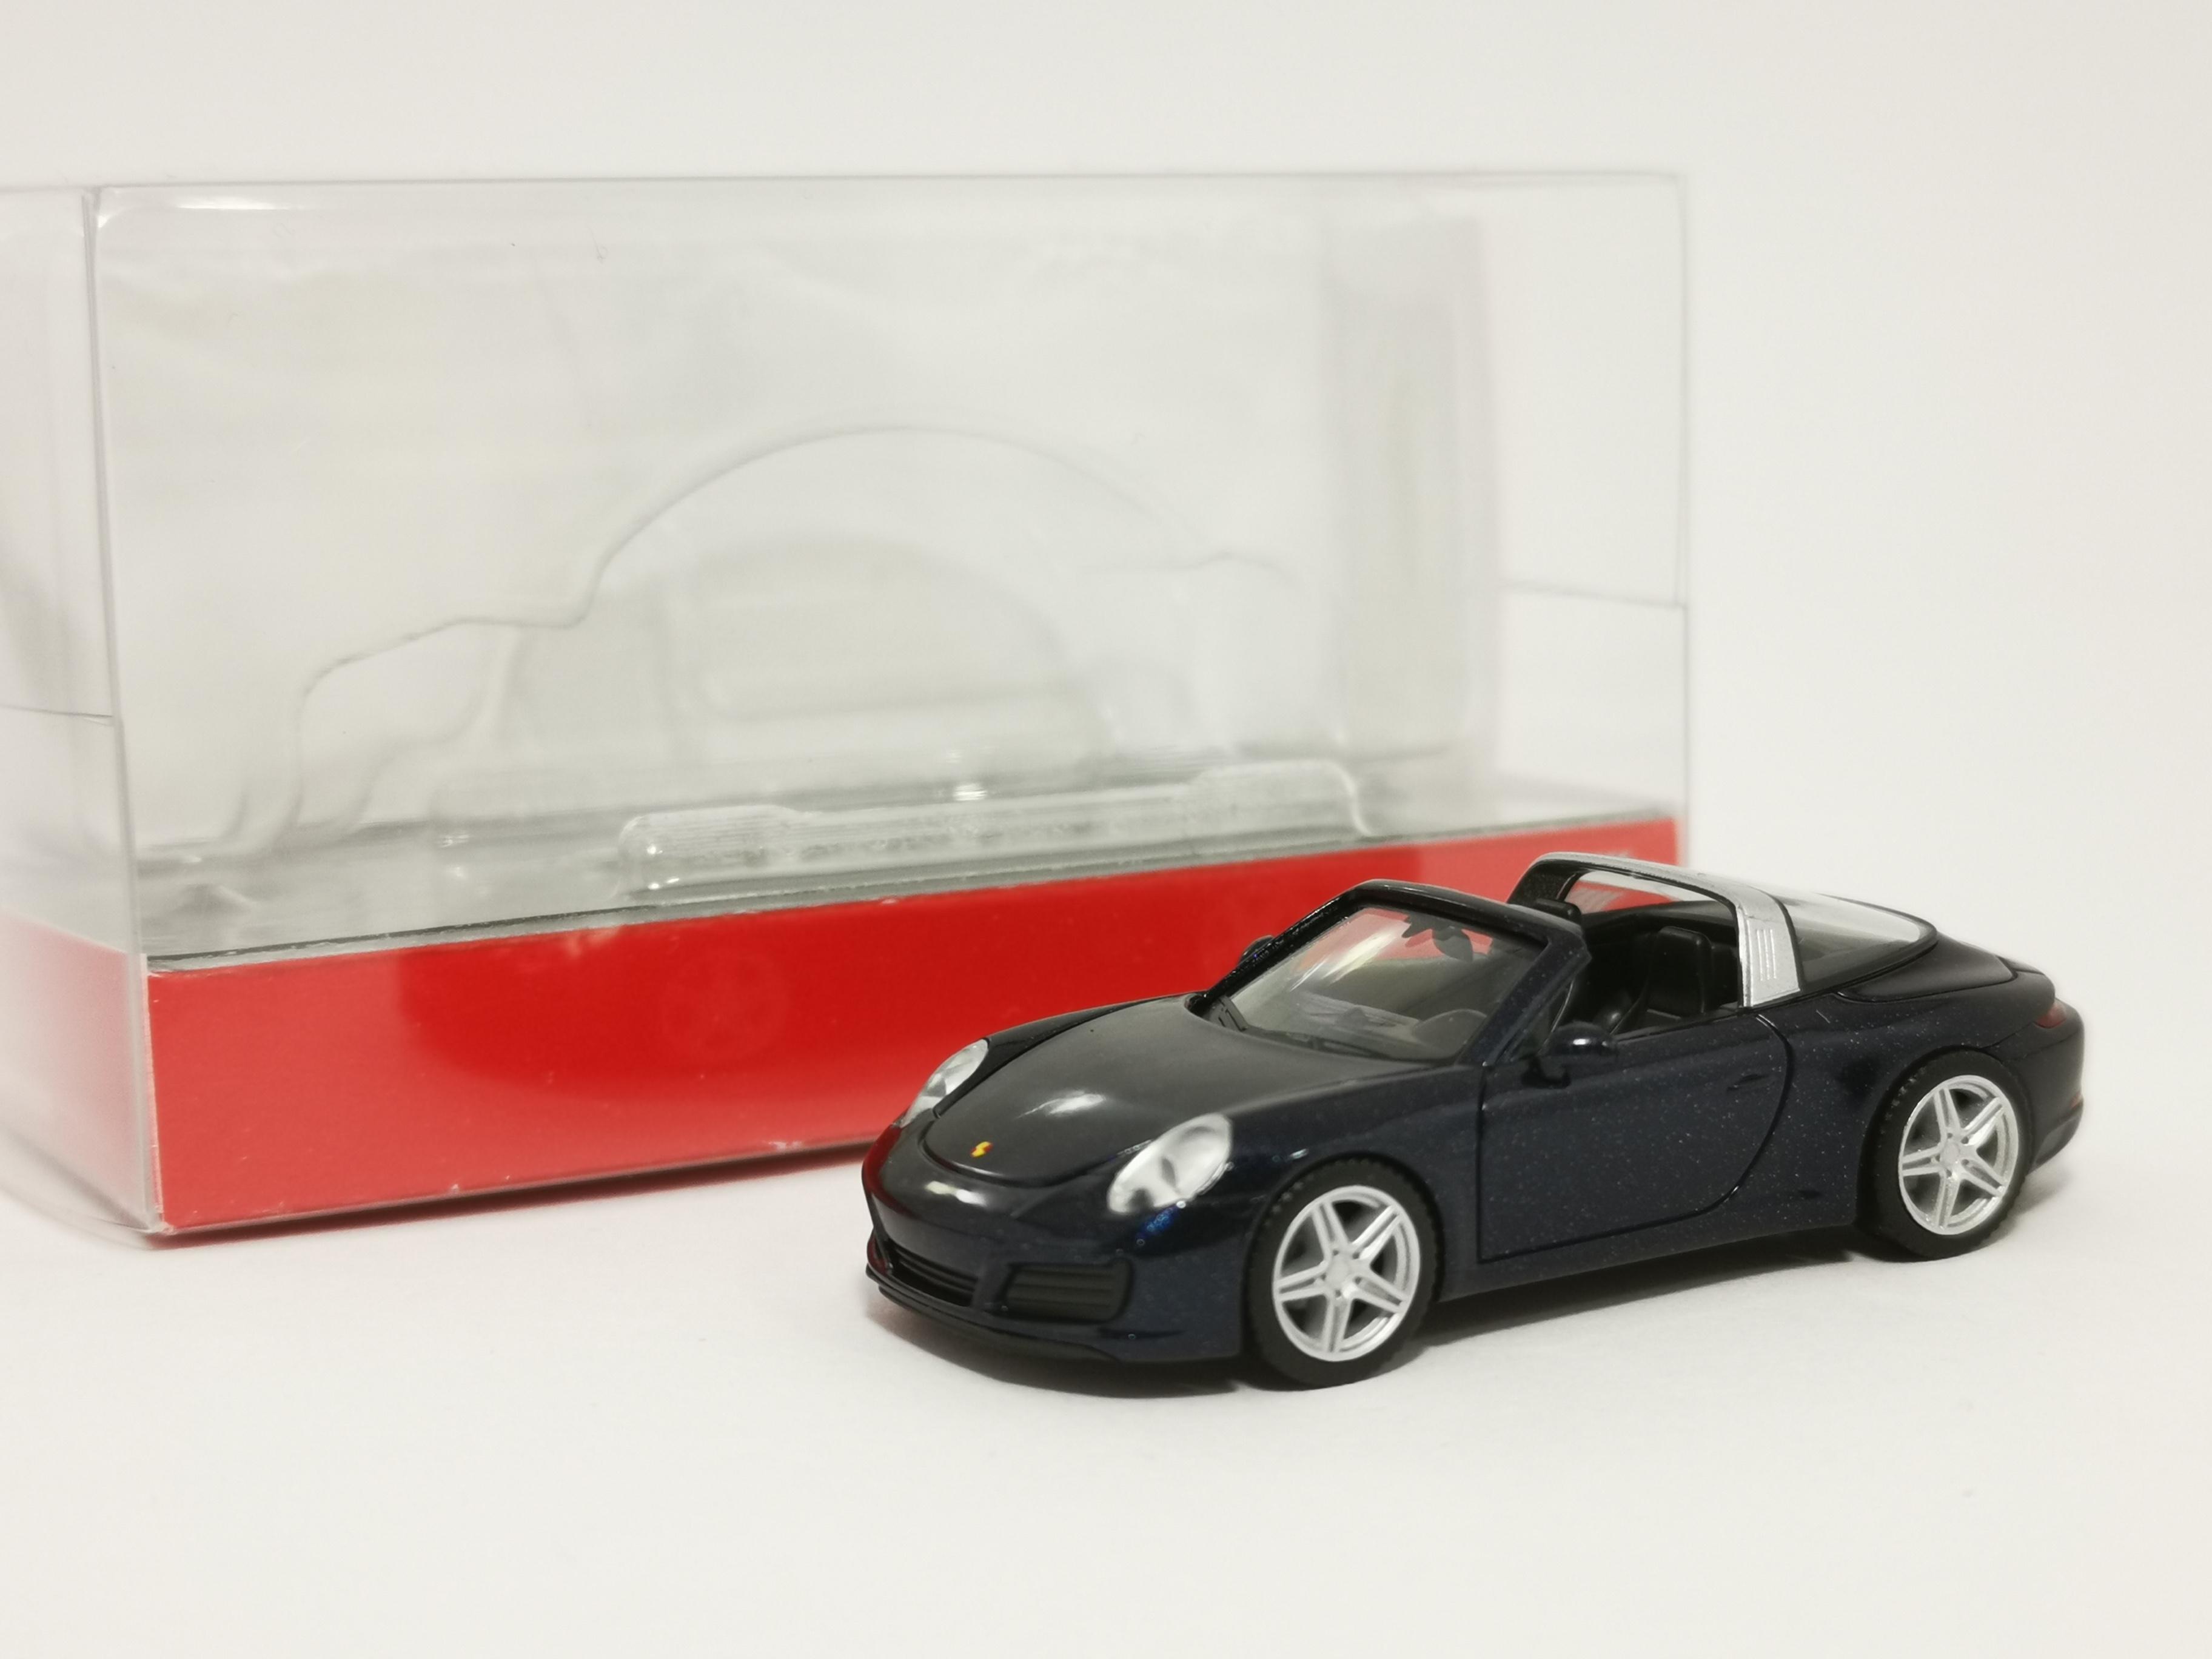 Herpa 021890-002 - Schwarz 993 1//87 Porsche 911 Turbo Neu